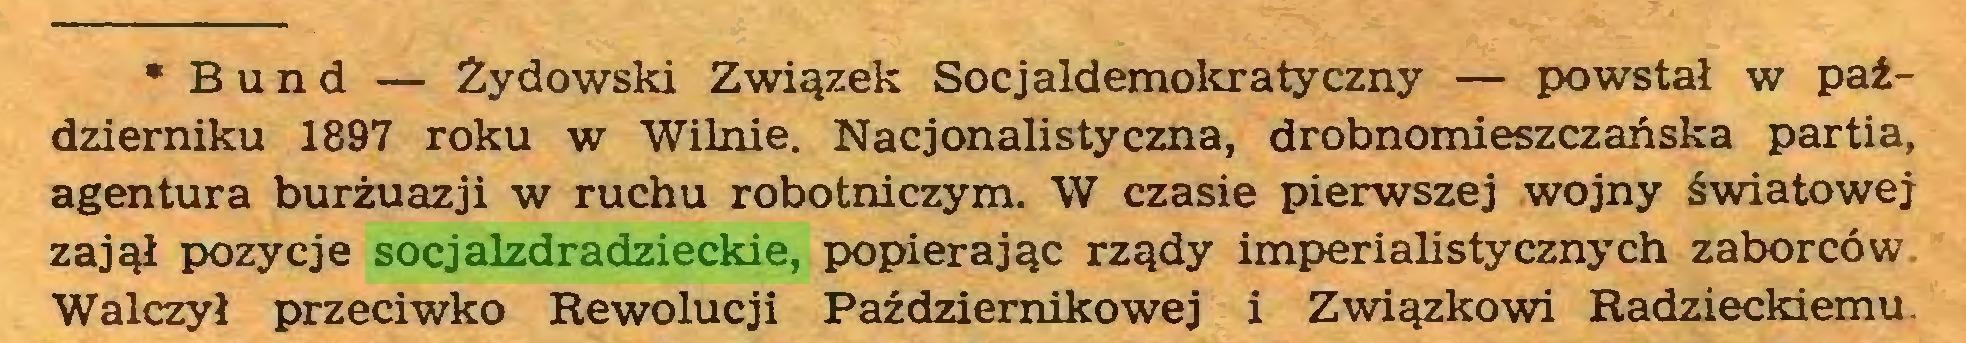 (...) * Bund — Żydowski Związek Socjaldemokratyczny — powstał w październiku 1897 roku w Wilnie. Nacjonalistyczna, drobnomieszczańska partia, agentura burżuazji w ruchu robotniczym. W czasie pierwszej wojny światowej zajął pozycje socjalzdradzieckie, popierając rządy imperialistycznych zaborców Walczył przeciwko Rewolucji Październikowej i Związkowi Radzieckiemu...